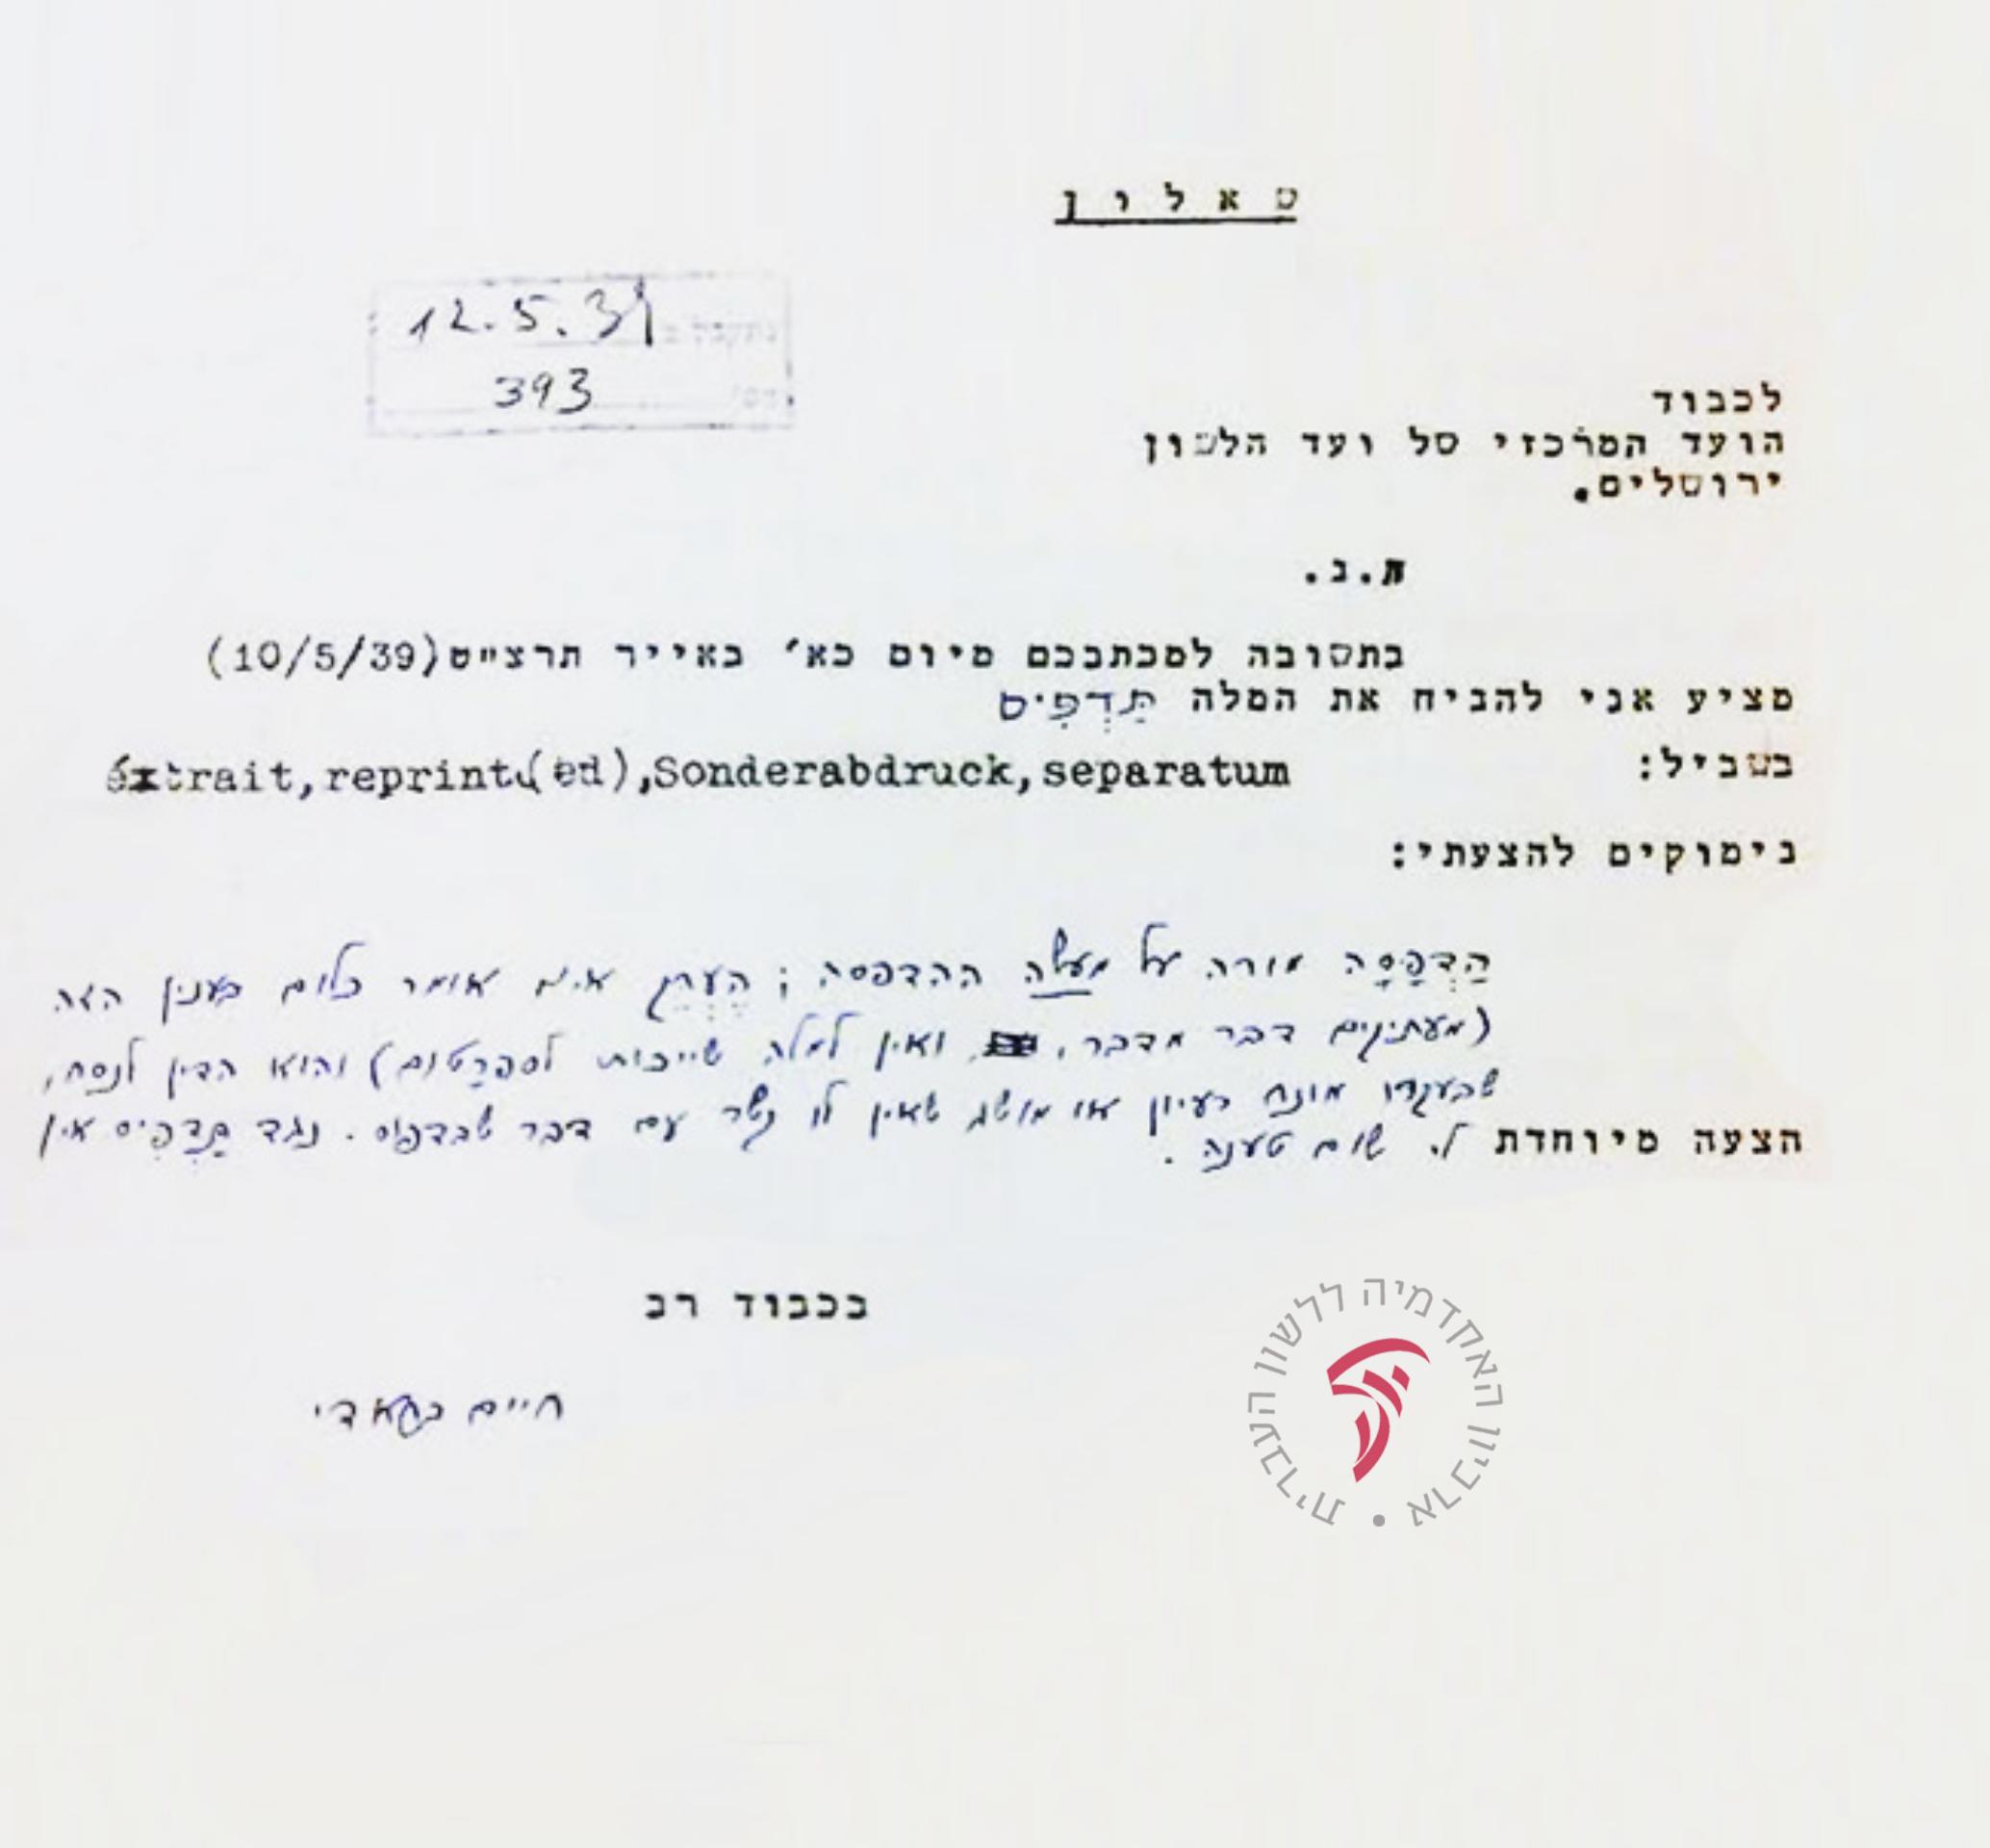 תשובות שונות שכתבו חברי הוועד - חיים בראדי